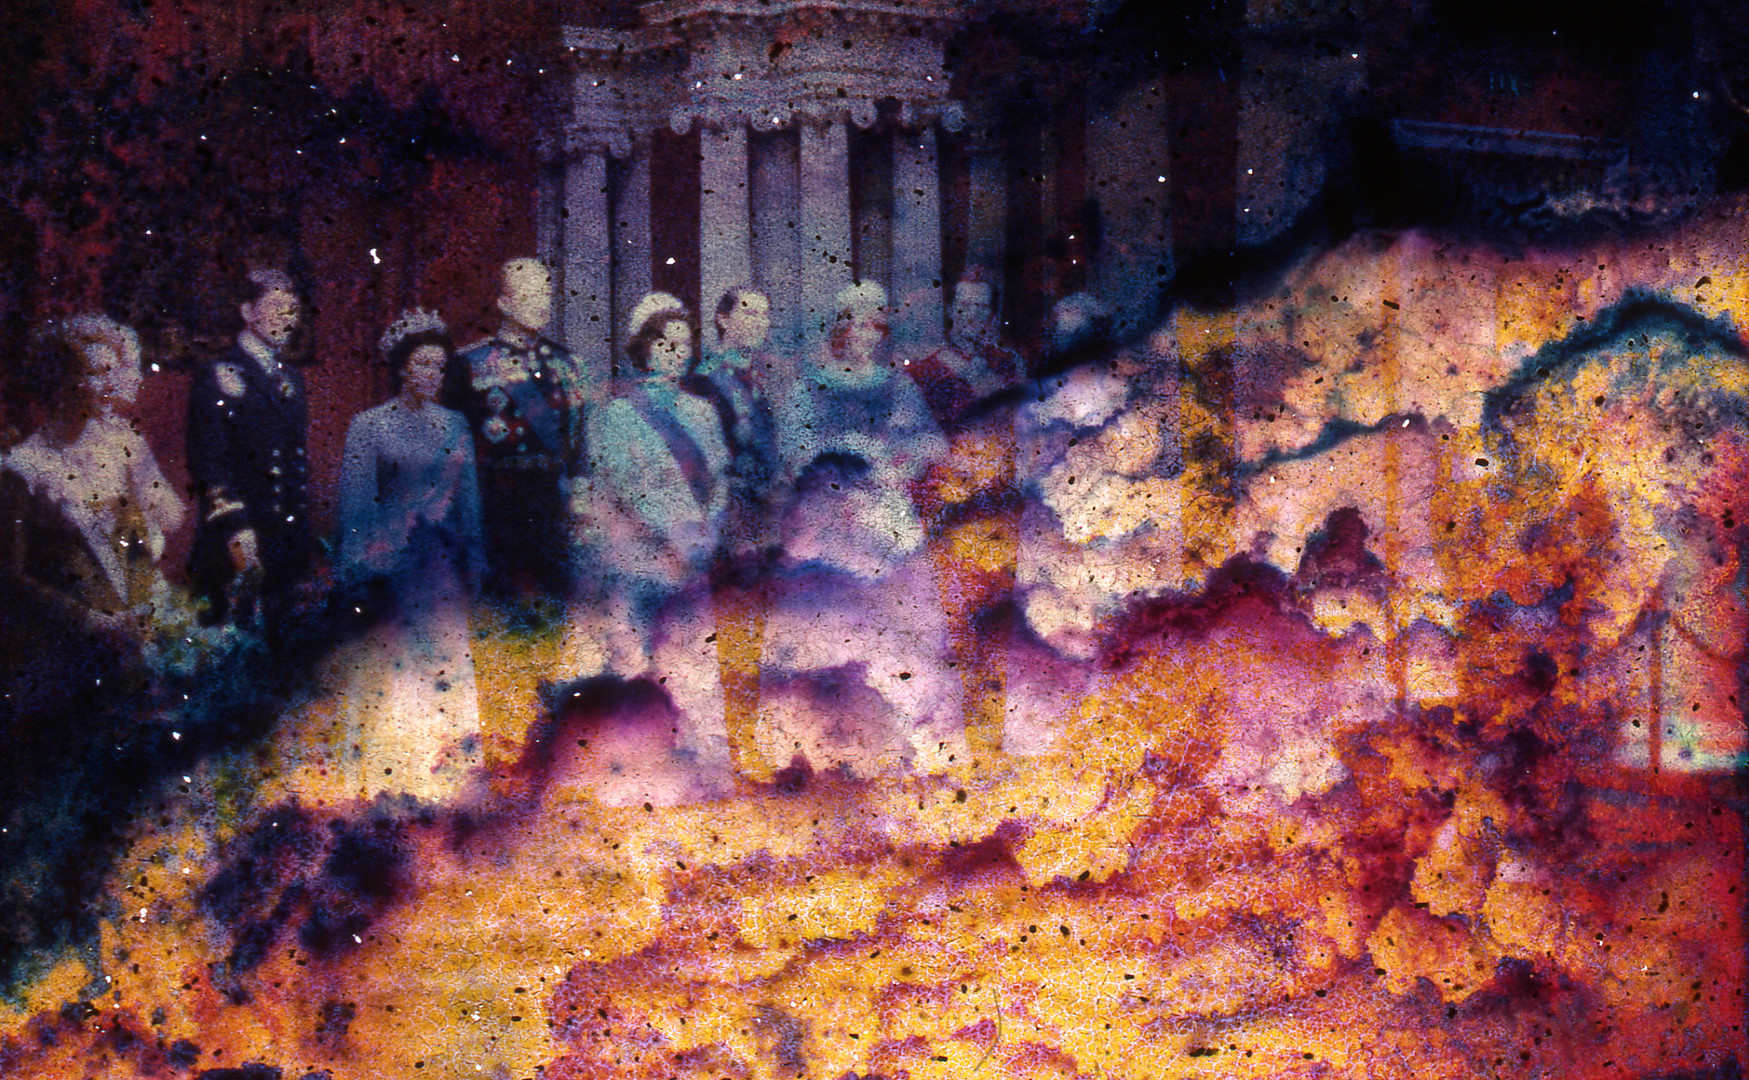 Flaming Royals